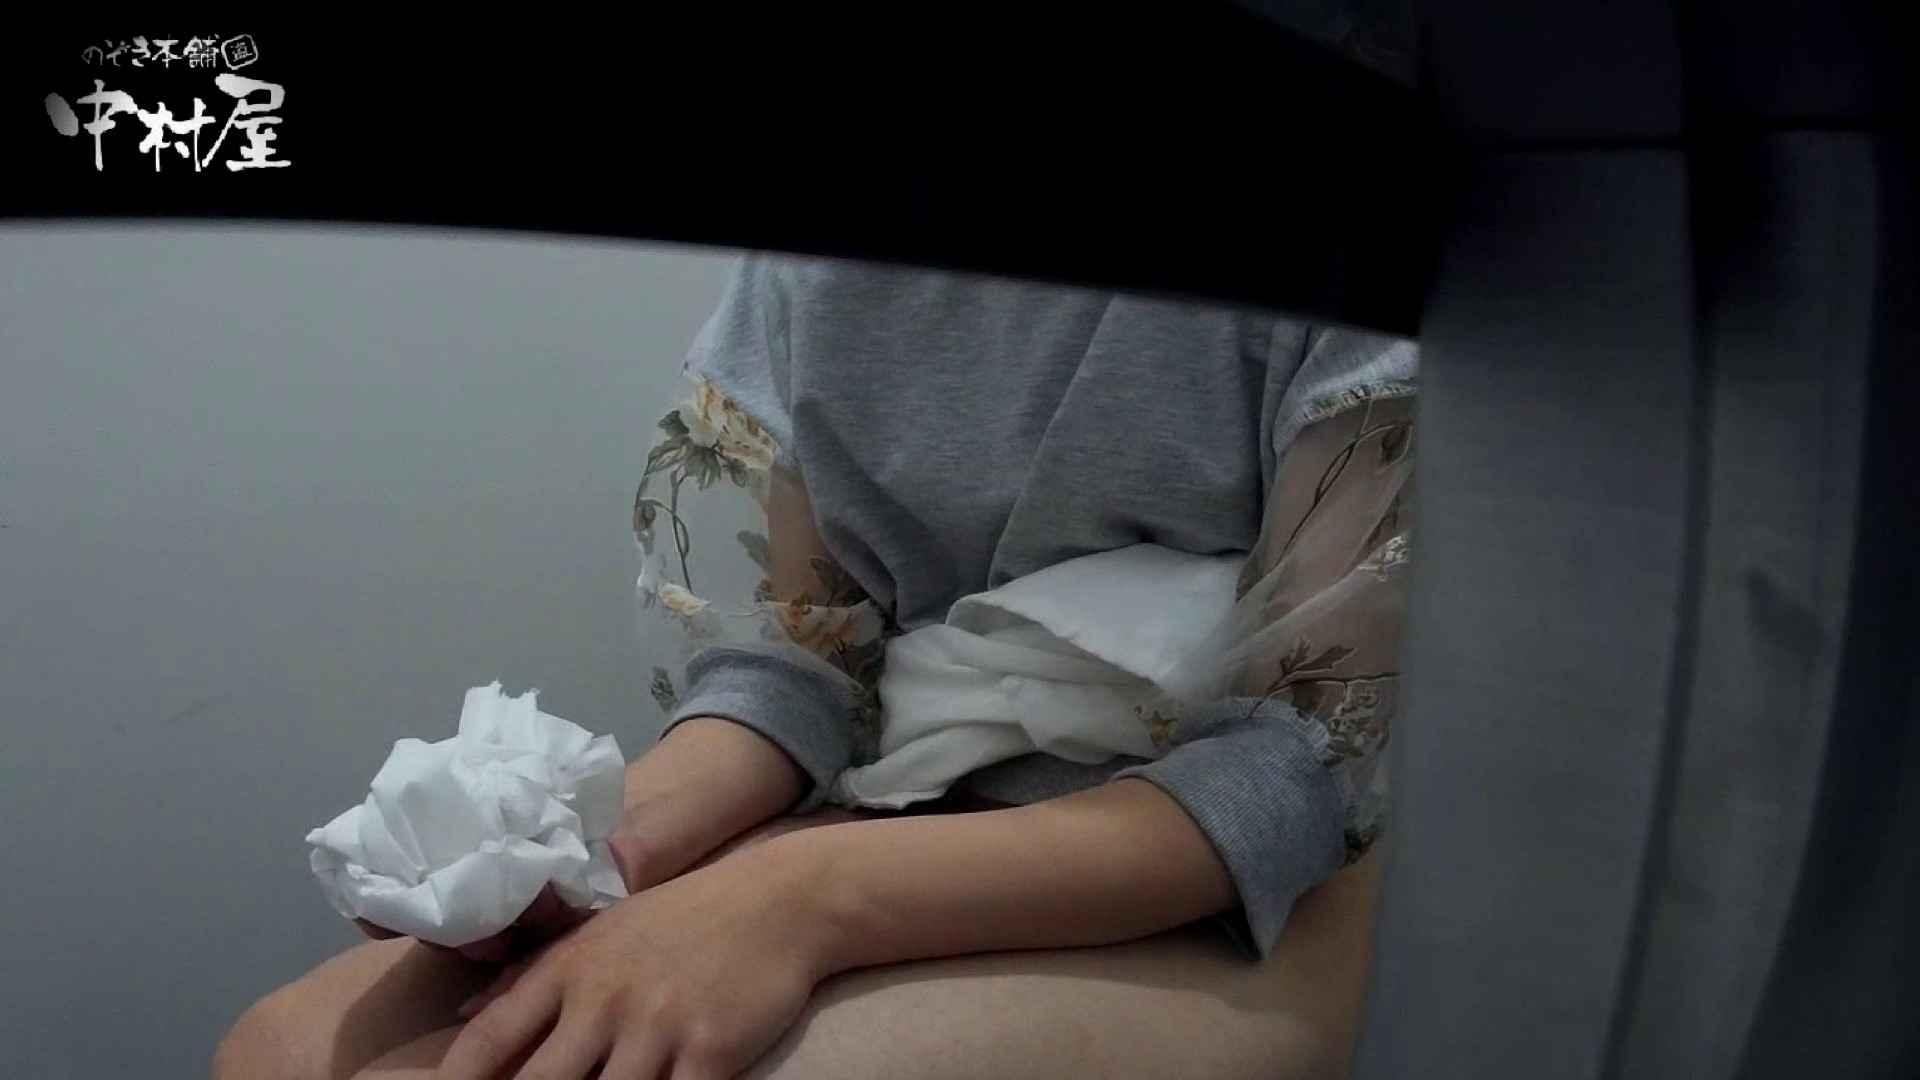 【某有名大学女性洗面所】有名大学女性洗面所 vol.40 ??おまじない的な動きをする子がいます。 和式トイレ  91pic 80